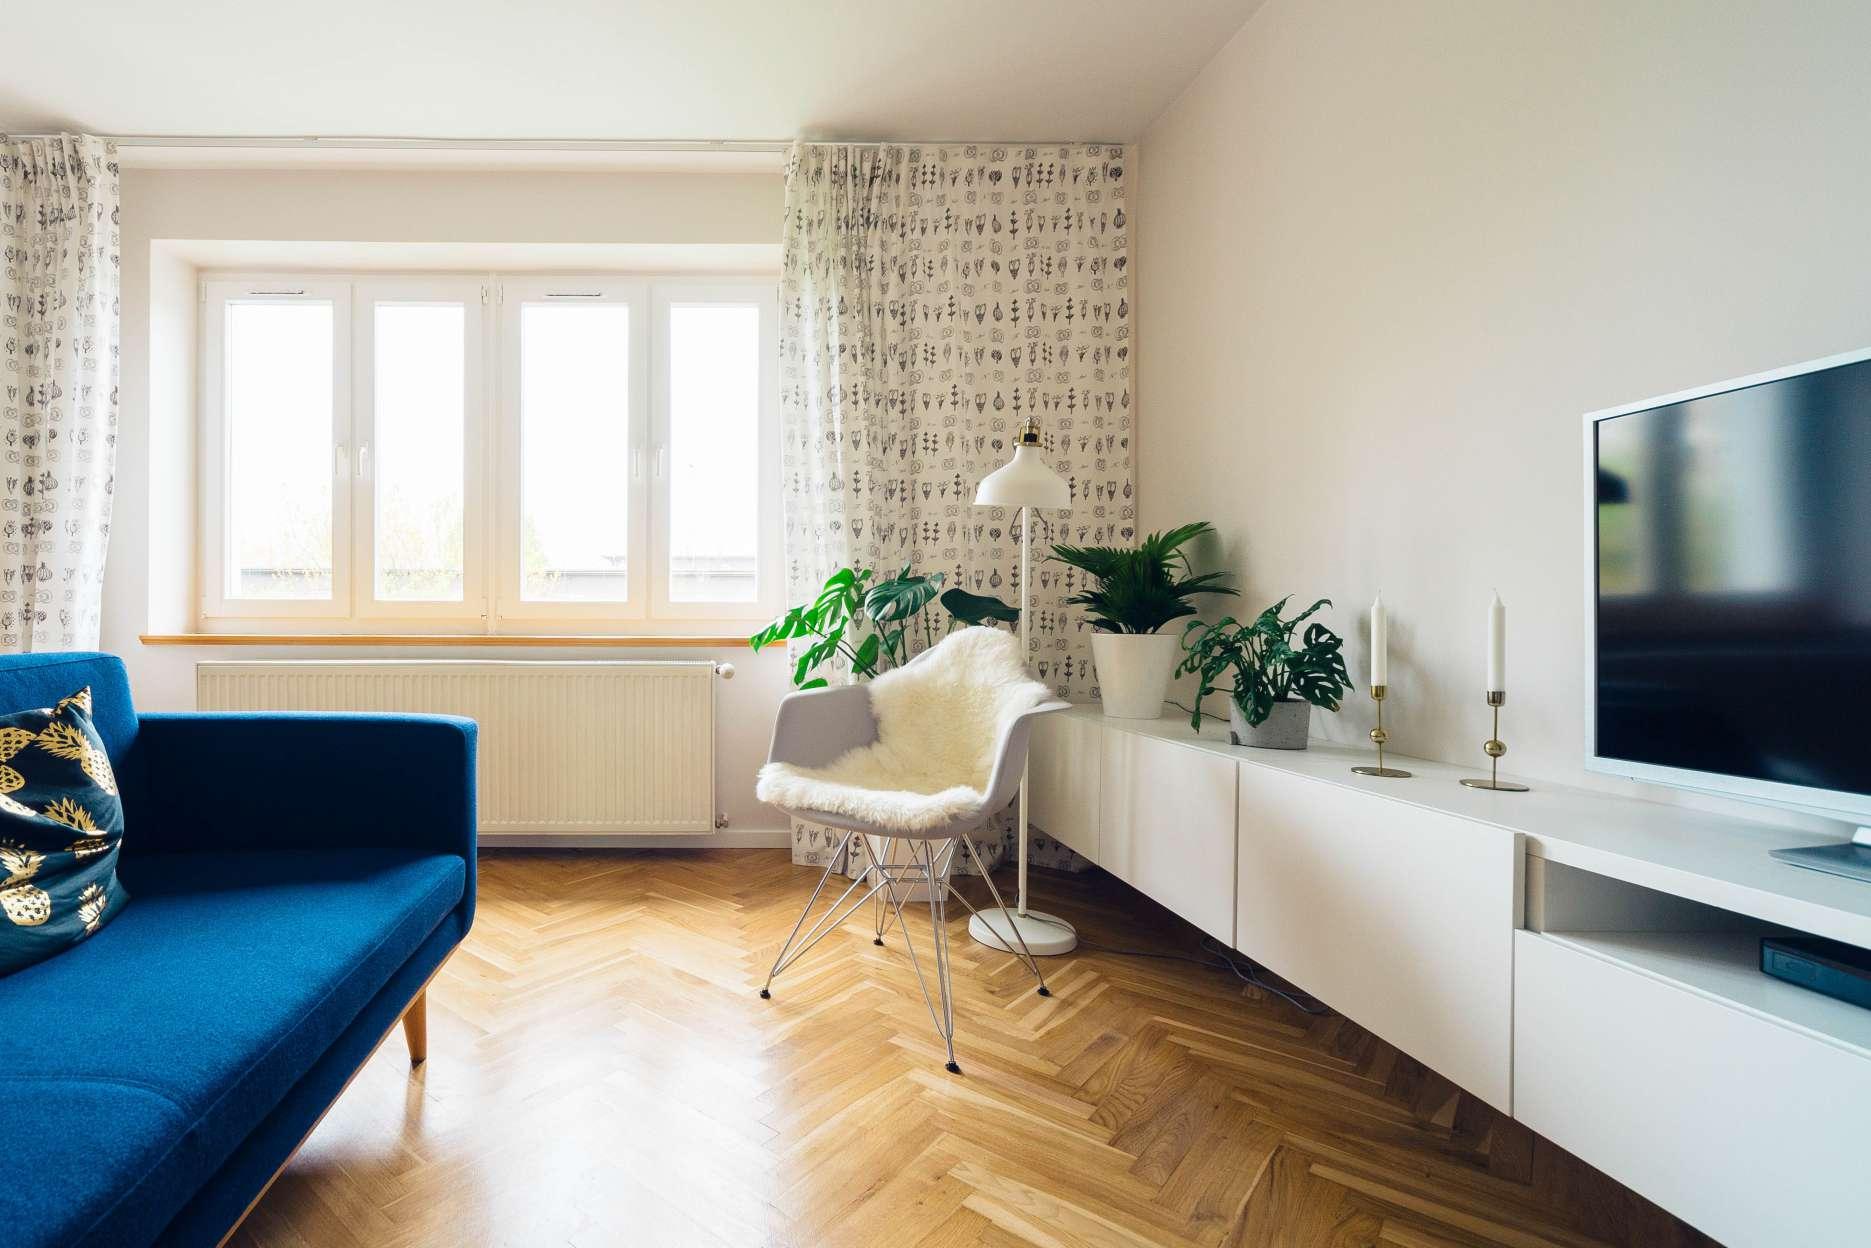 3 pomysly na malowanie scian w salonie - biale sciany